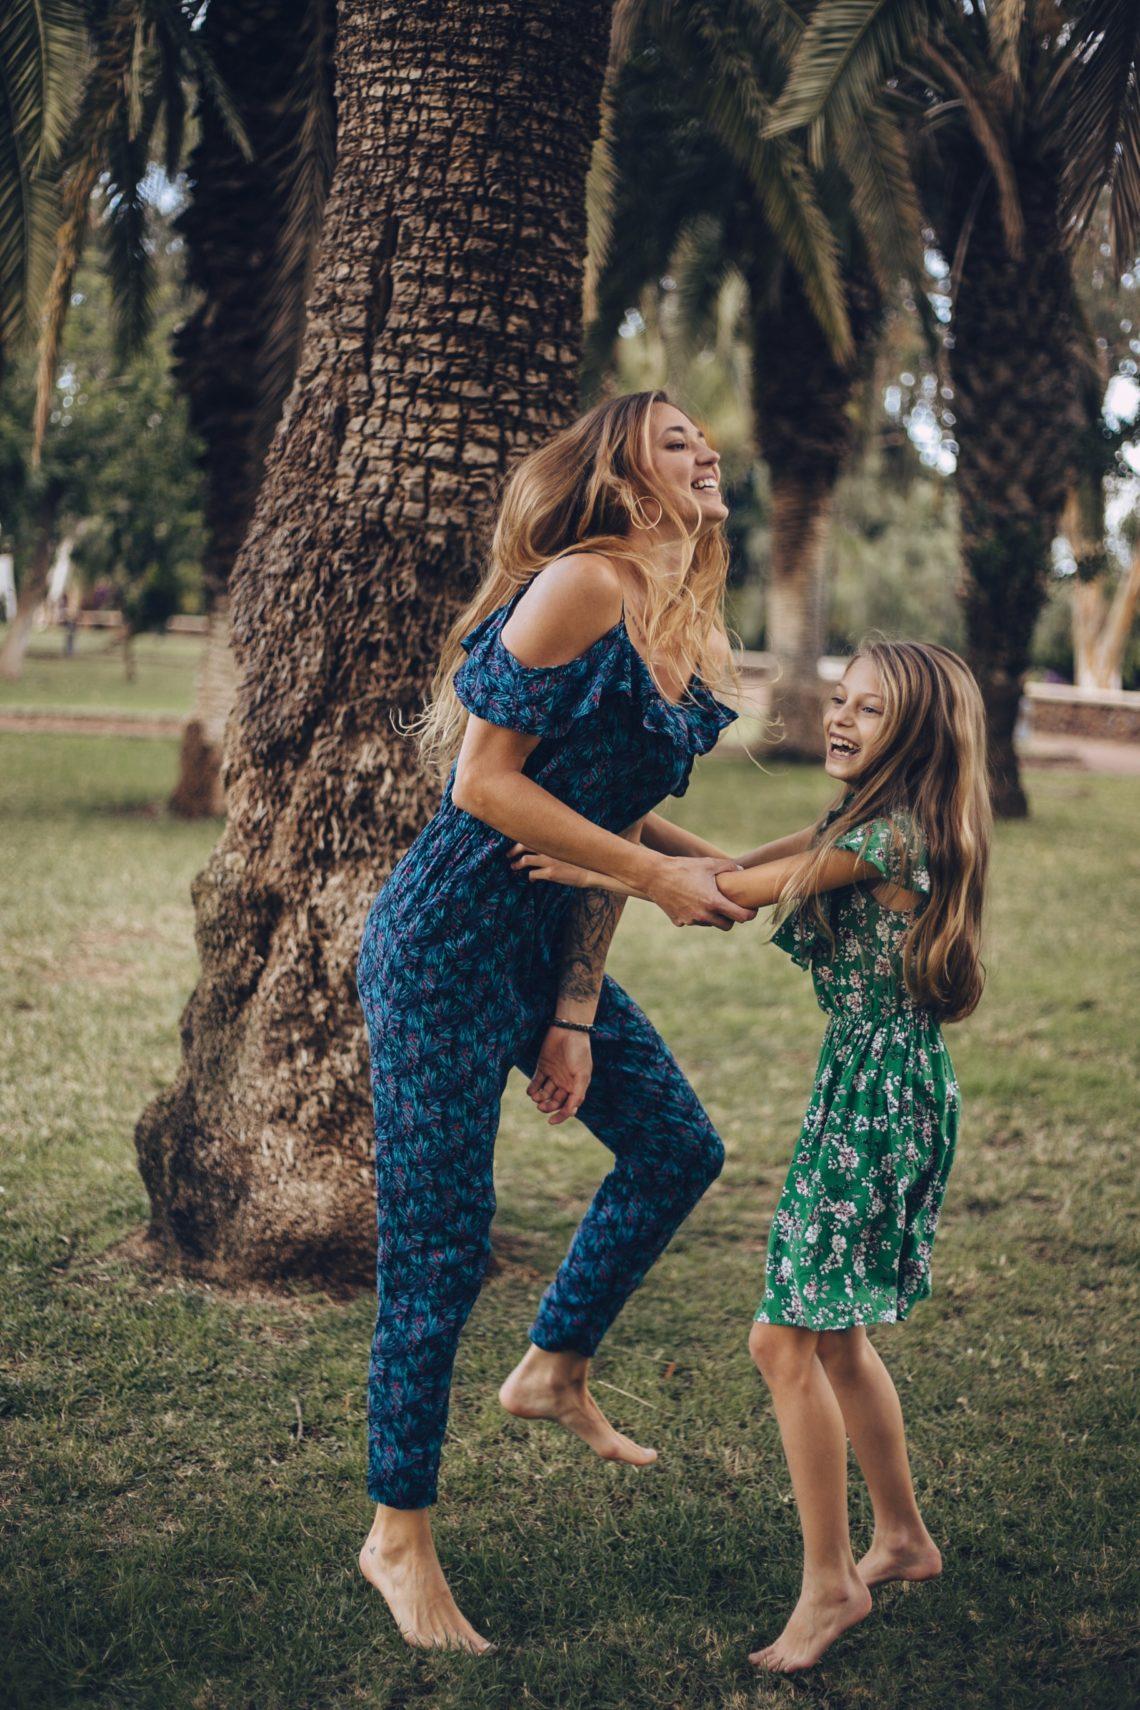 Mama z córką świętują radość dziecka